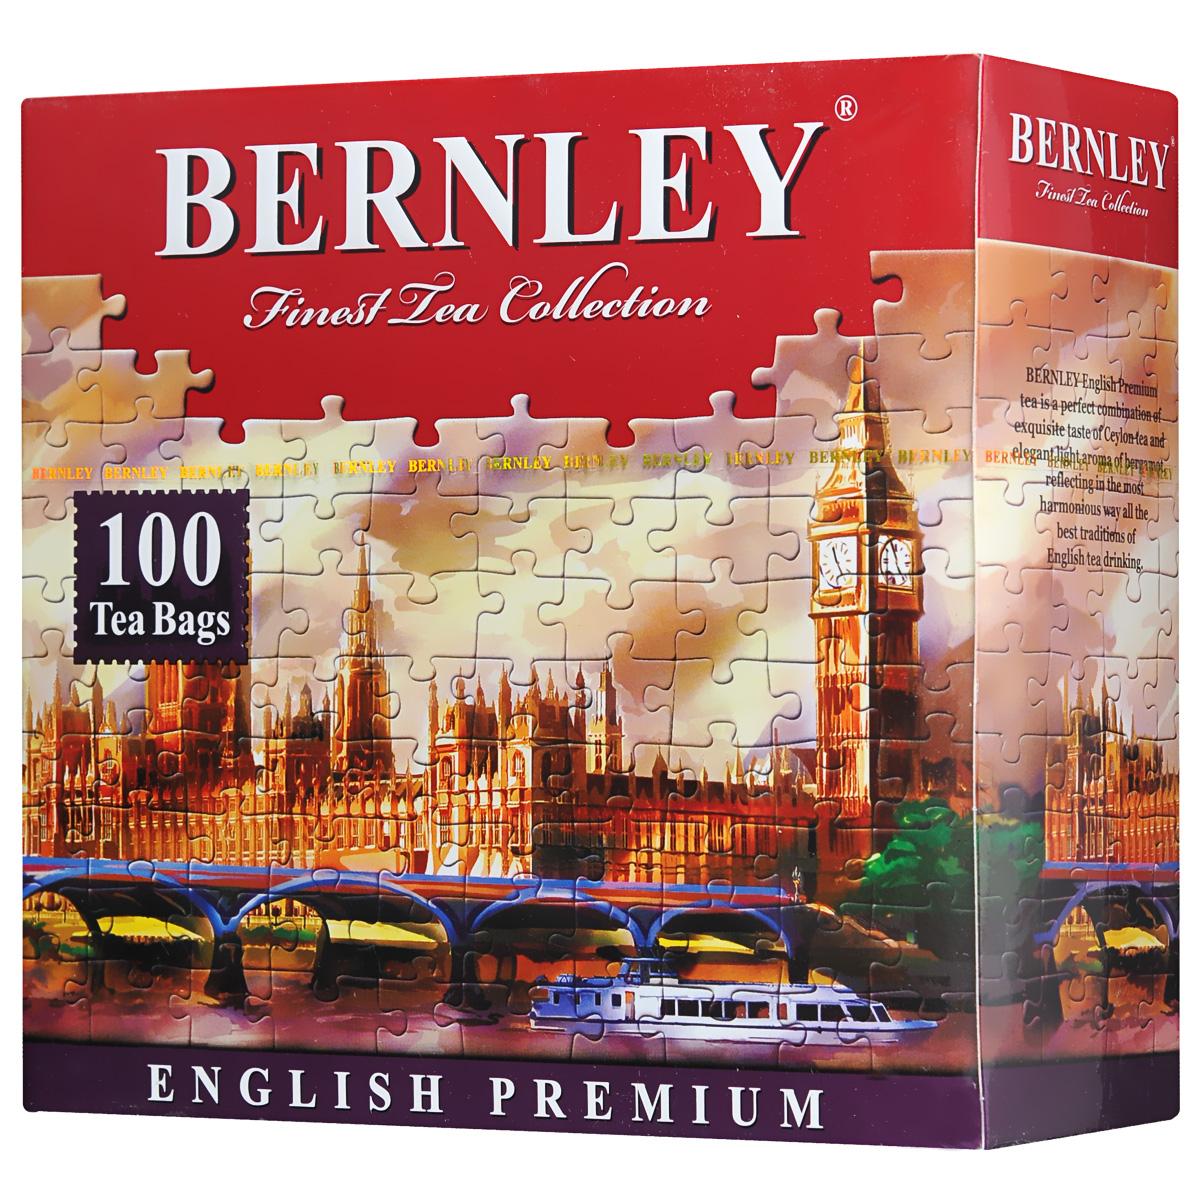 Bernley English Premium черный ароматизированный чай в пакетиках, 100 шт1070005Bernley English Premium - великолепный образец классического английского черного чая с бергамотом, тропический вкус которого удивительно тонко и гармонично сочетается с неповторимыми природными свойствами высокогорного цейлонского чая отборного качества.